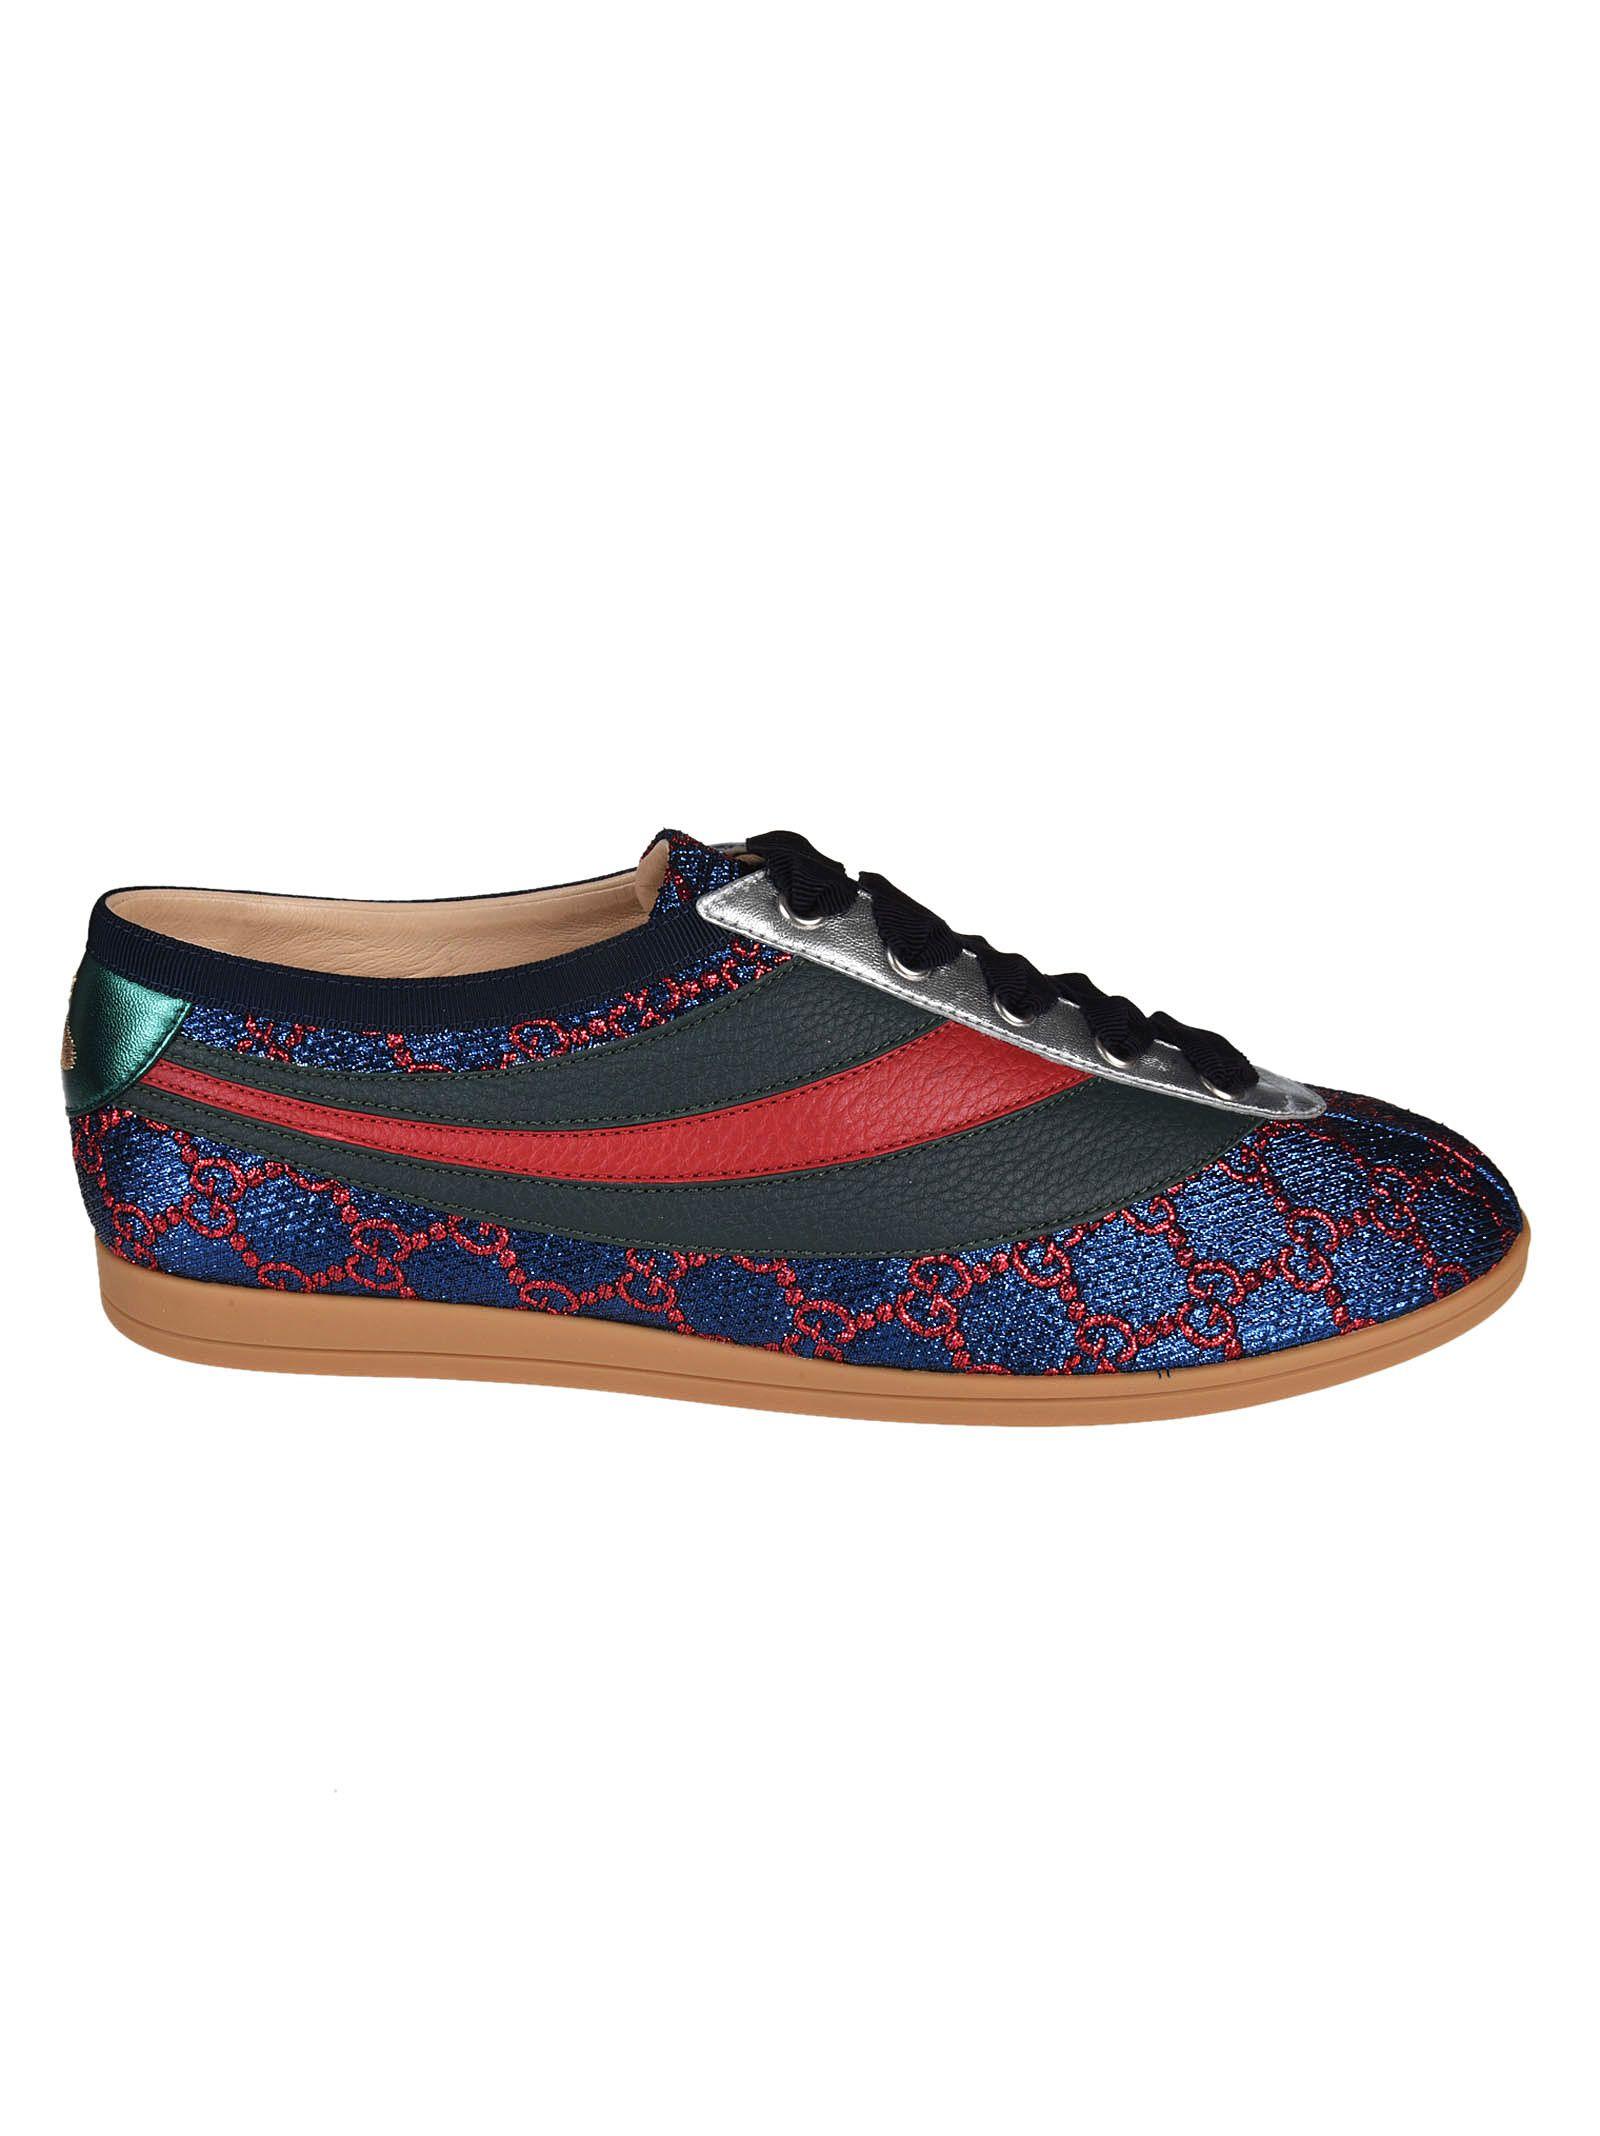 Sets Of Laces Shoes